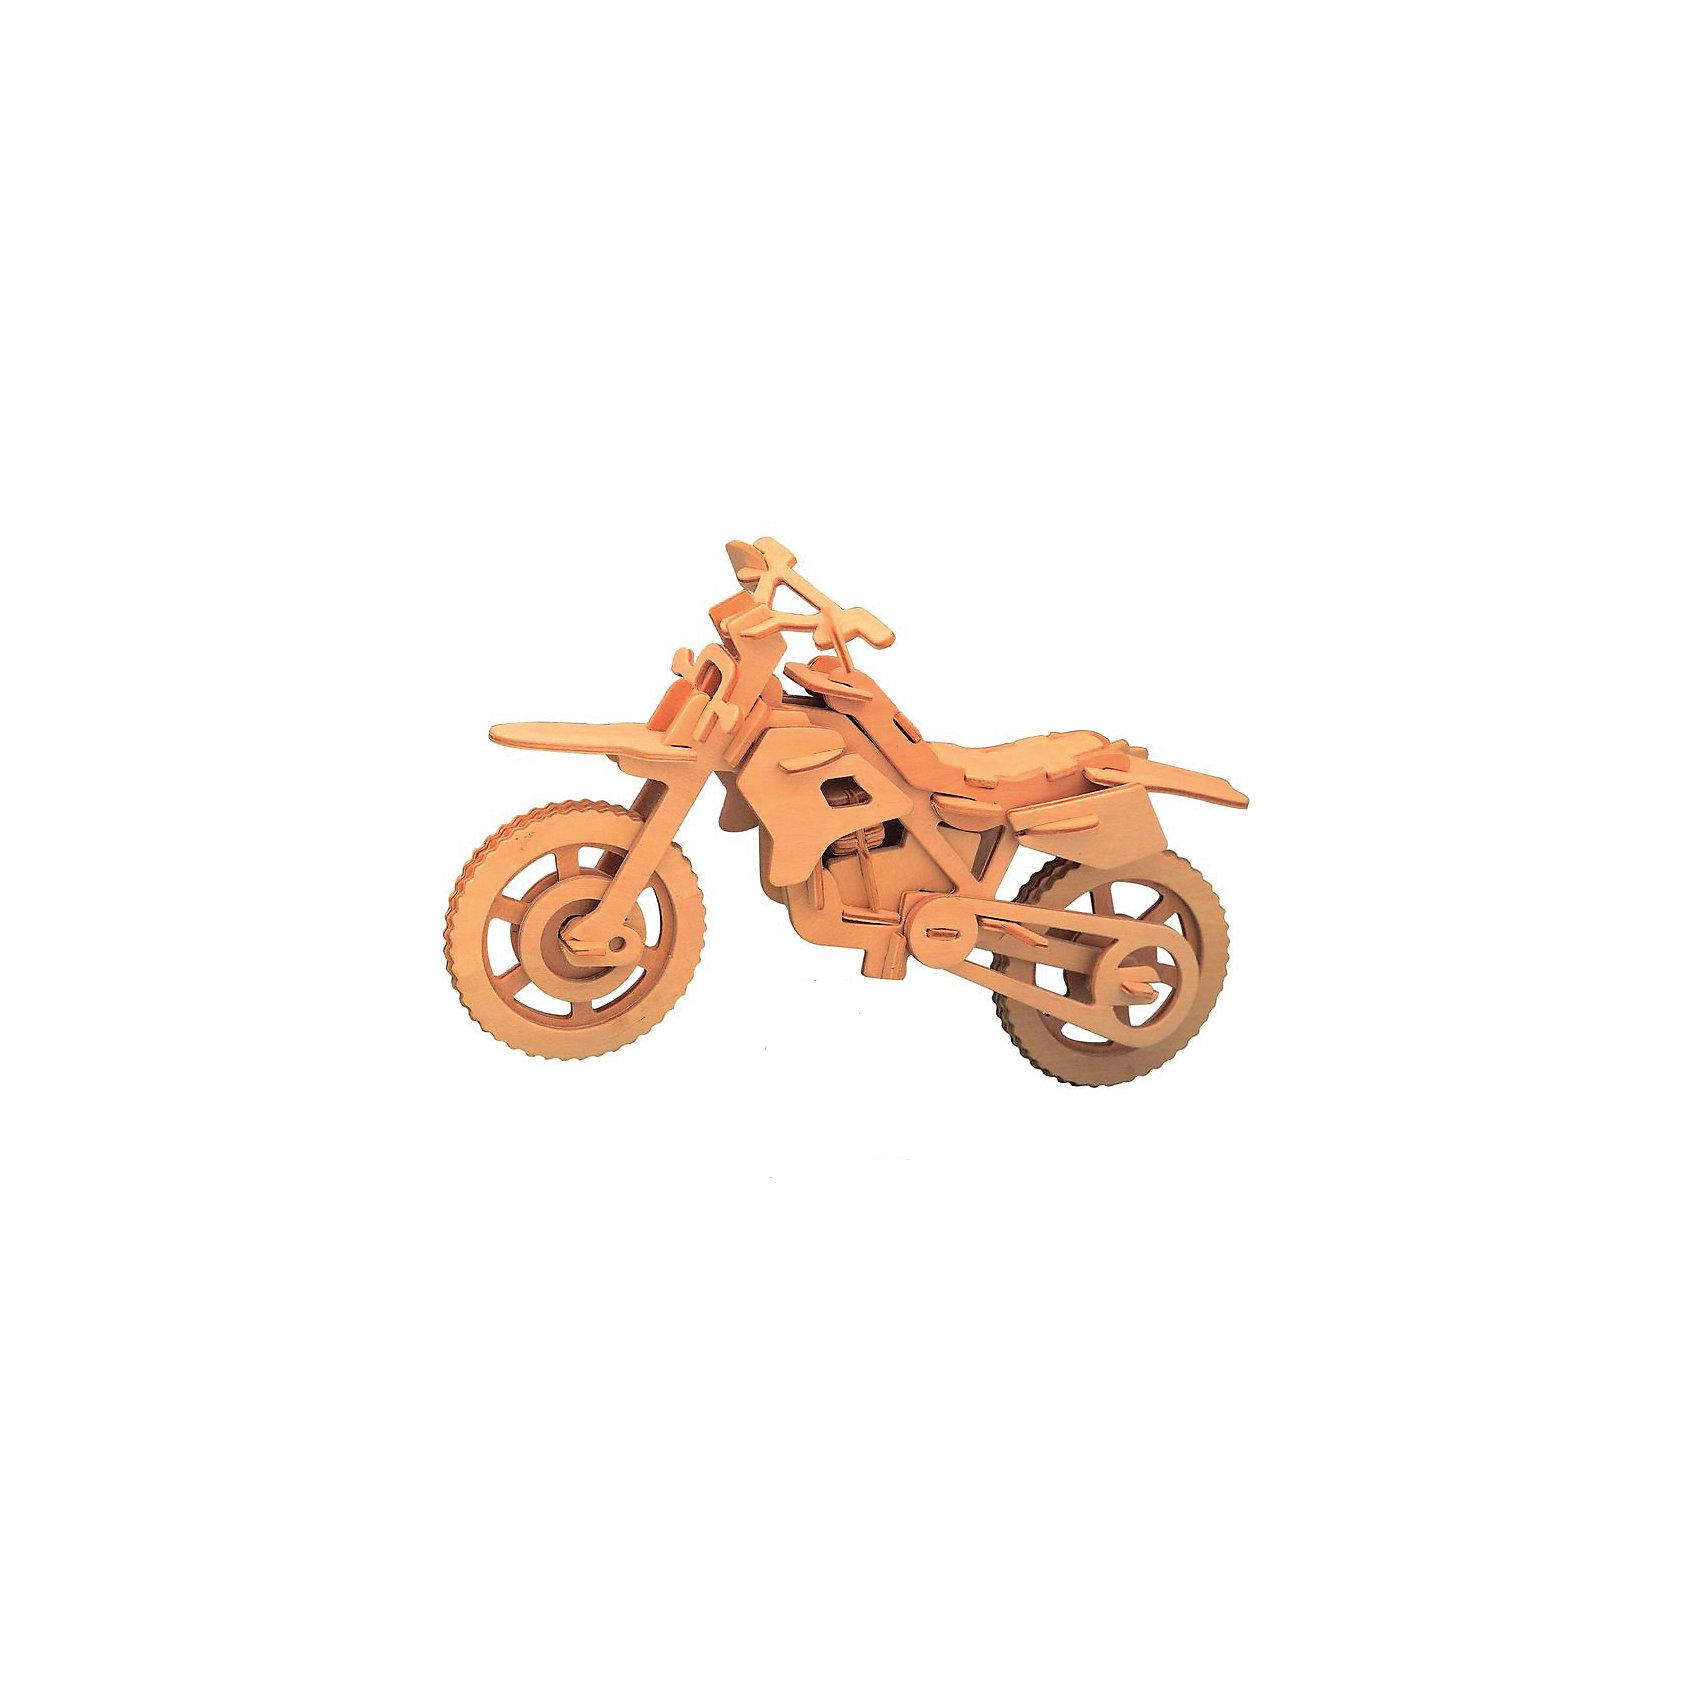 Гоночный мотоцикл, Мир деревянных игрушекРукоделие<br>Отличный вариант подарка для любящего технику творческого ребенка - этот набор, из которого можно самому сделать красивую деревянную фигуру! Для этого нужно выдавить из пластины с деталями элементы для сборки и соединить их. Из наборов получаются красивые очень реалистичные игрушки, которые могут стать украшением комнаты.<br>Собирая их, ребенок будет развивать пространственное мышление, память и мелкую моторику. А раскрашивая готовое произведение, дети научатся подбирать цвета и будут развивать художественные навыки. Этот набор произведен из качественных и безопасных для детей материалов - дерево тщательно обработано.<br><br>Дополнительная информация:<br><br>материал: дерево;<br>цвет: бежевый;<br>элементы: пластины с деталями для сборки, схема сборки;<br>размер упаковки: 23 х 18 см.<br><br>3D-пазл Гоночный мотоцикл от бренда Мир деревянных игрушек можно купить в нашем магазине.<br><br>Ширина мм: 350<br>Глубина мм: 50<br>Высота мм: 225<br>Вес г: 450<br>Возраст от месяцев: 36<br>Возраст до месяцев: 144<br>Пол: Мужской<br>Возраст: Детский<br>SKU: 4969108